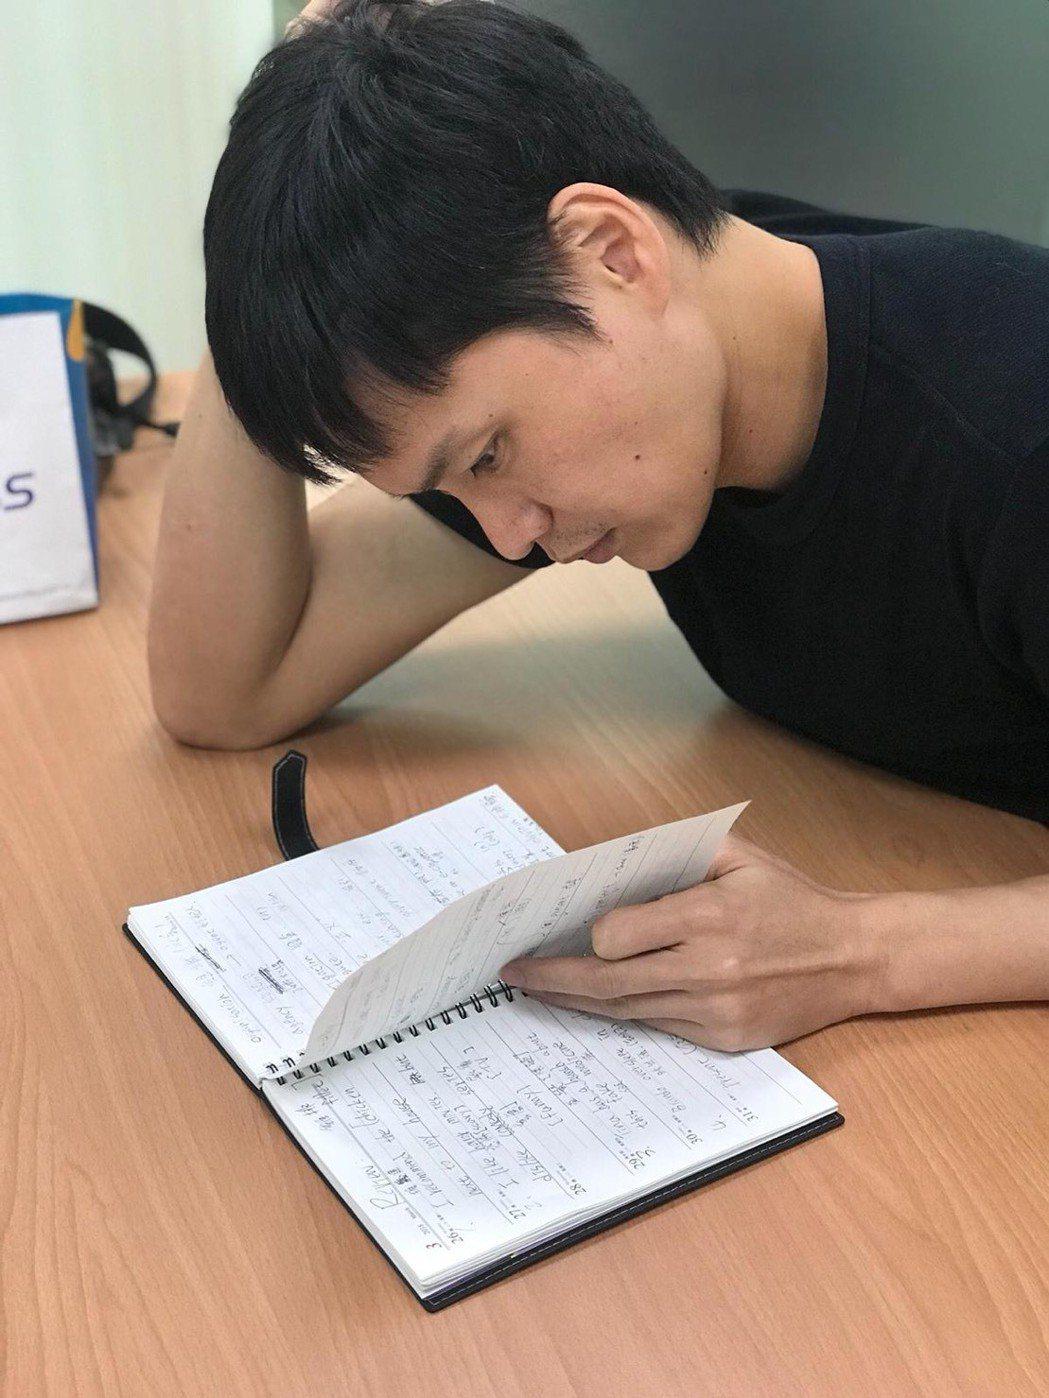 黃鐙輝當年聯考英文才10幾分,後來知道英文的重要性,如今拿回書本重新補英文課。圖...